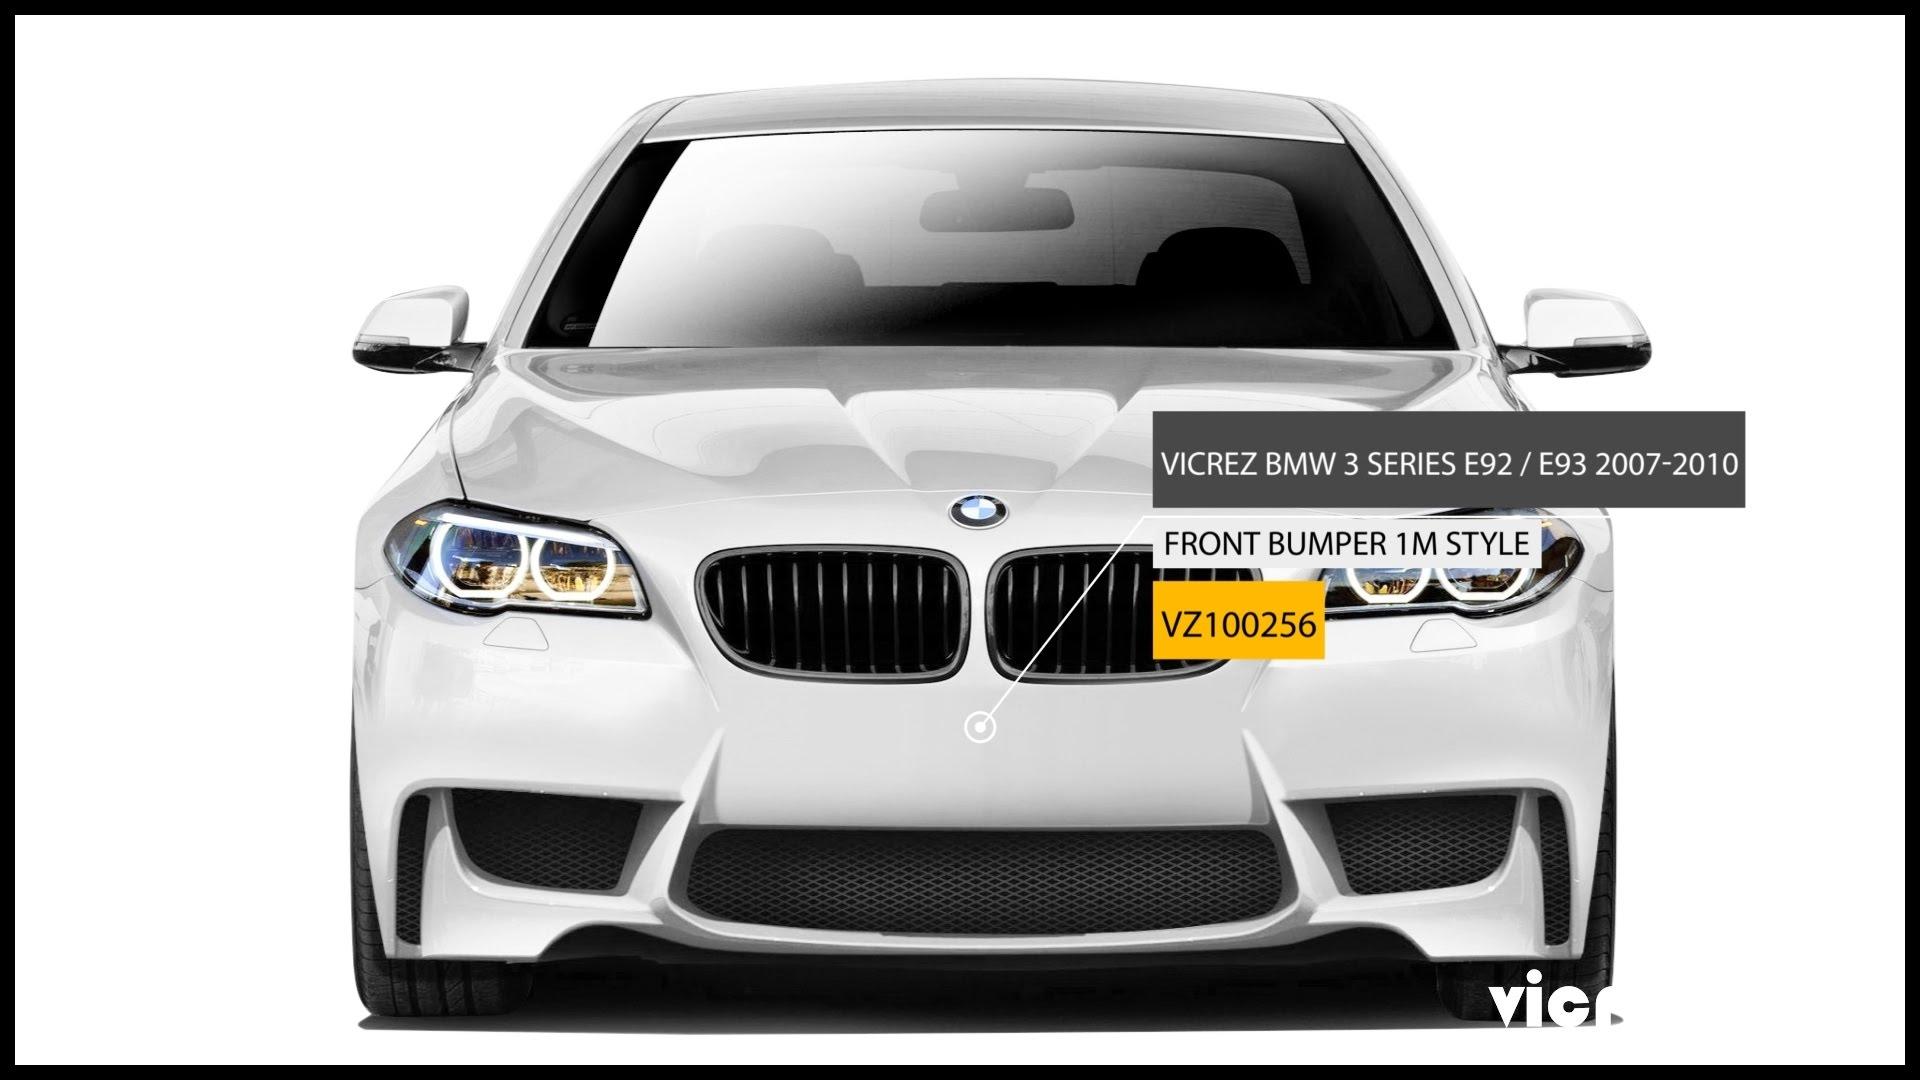 Vicrez BMW 3 Series E92 E93 2007 2010 1M Style Front Bumper vz v2